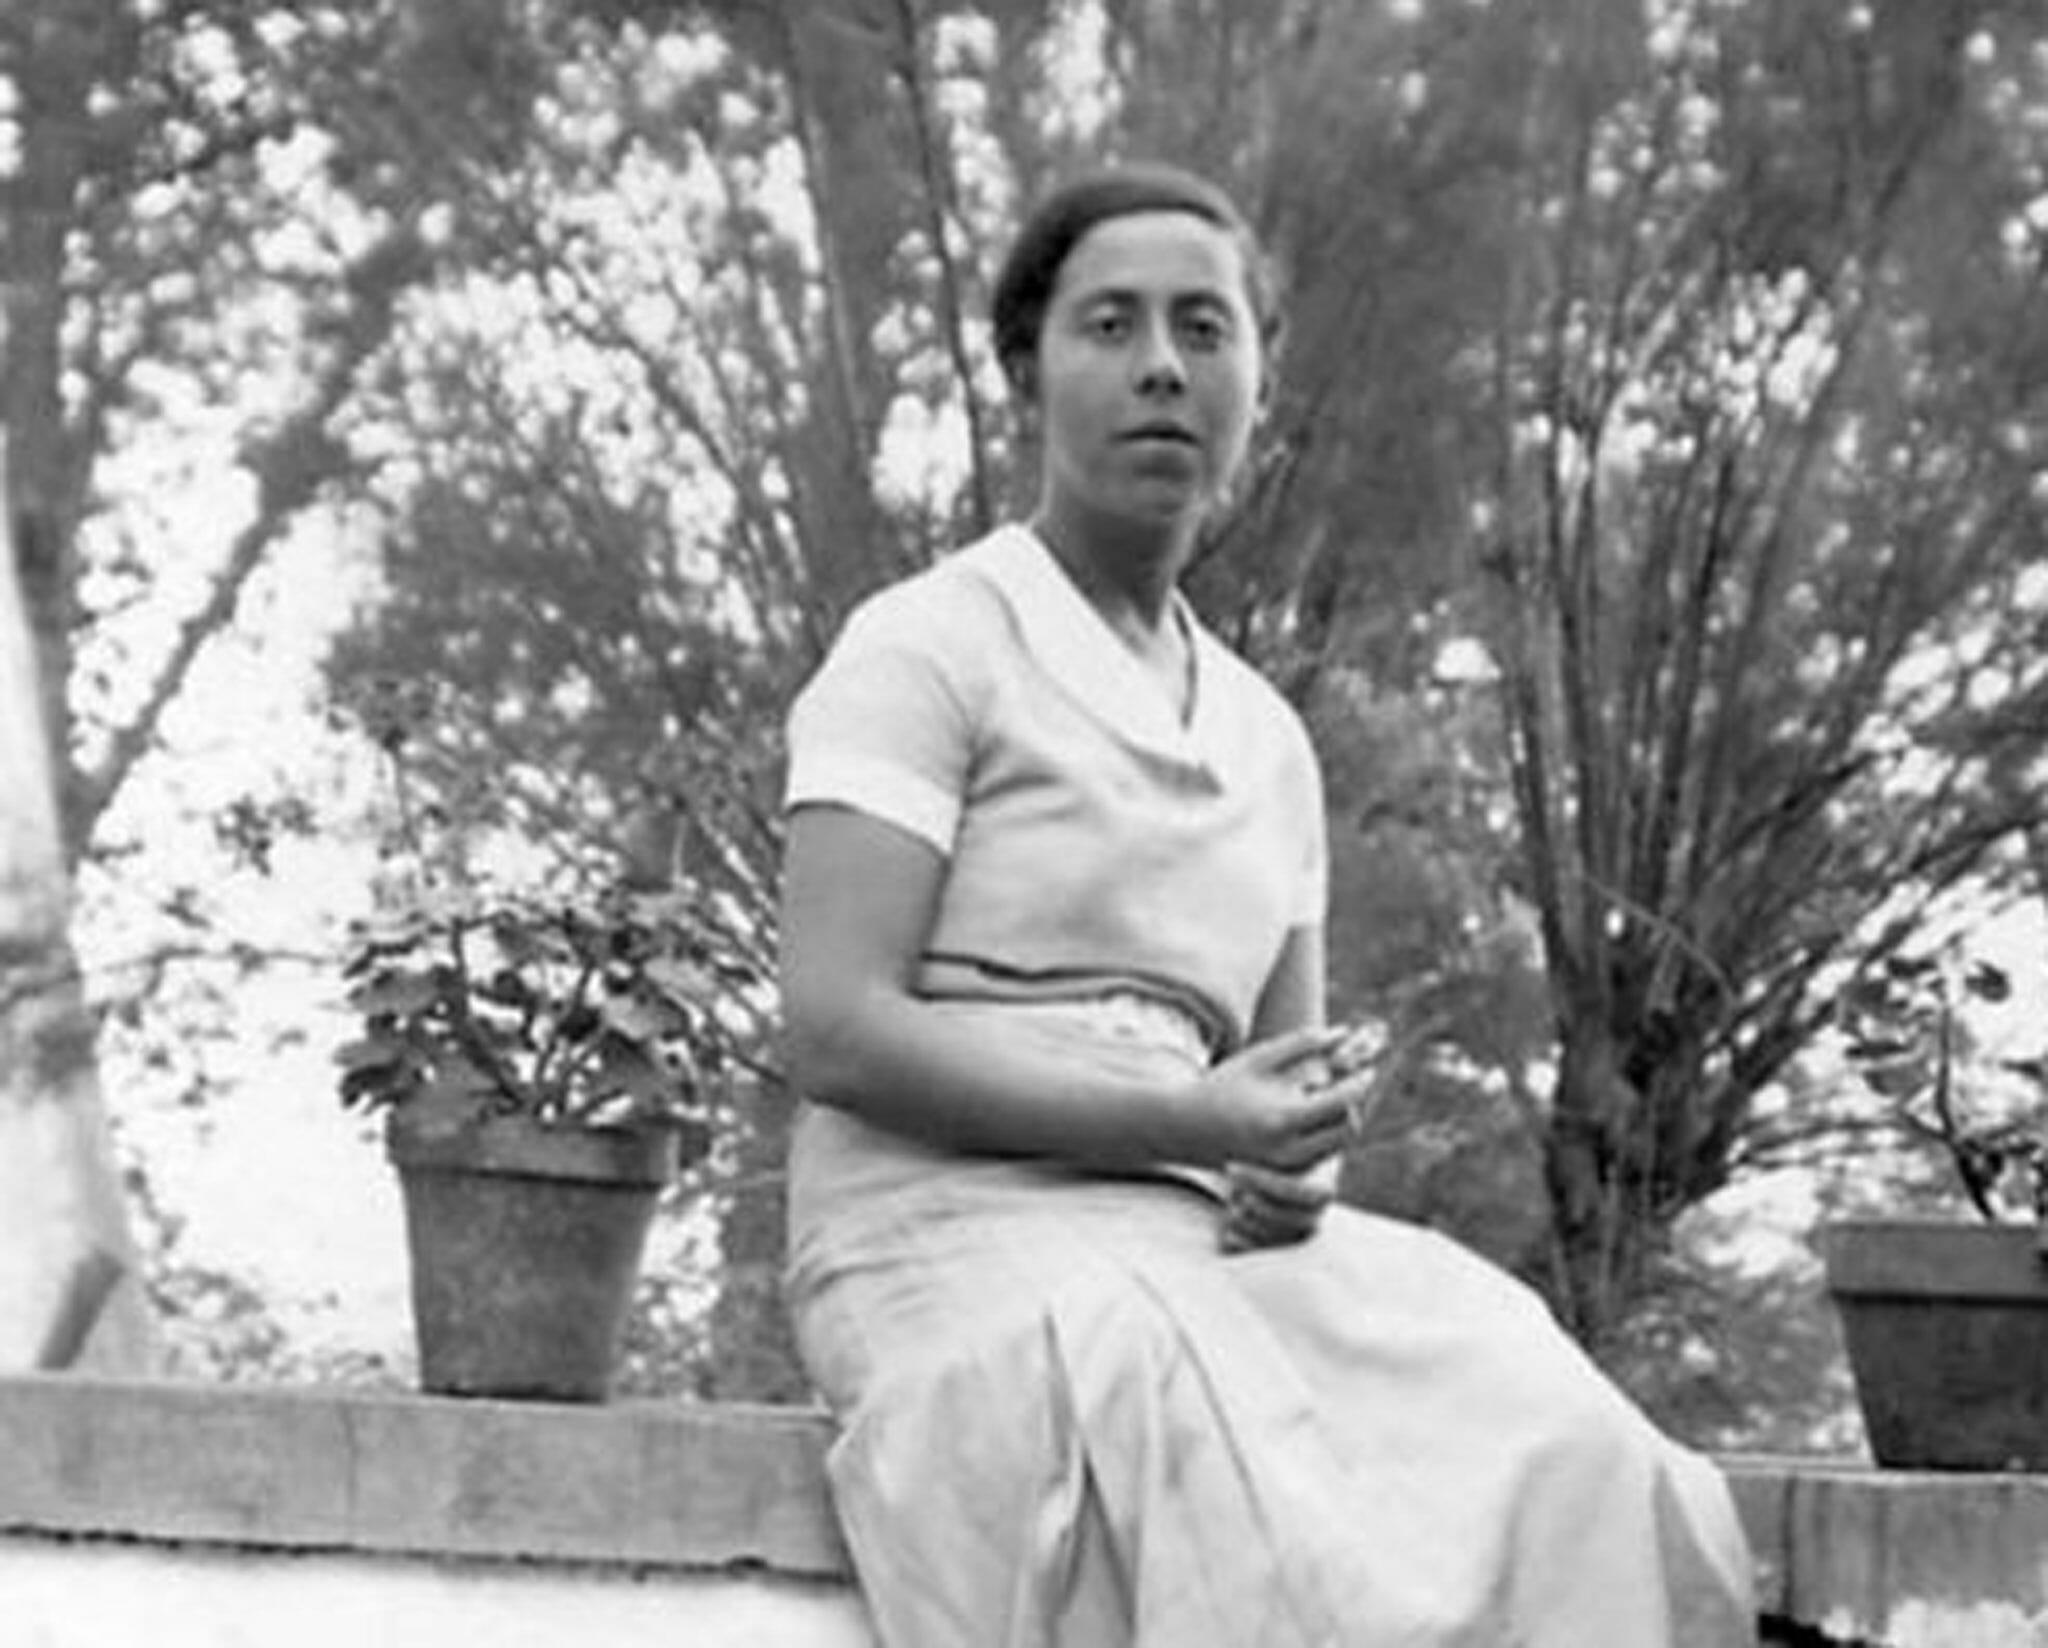 Irène Némirovsky, i libri e la breve vita di una grande scrittrice